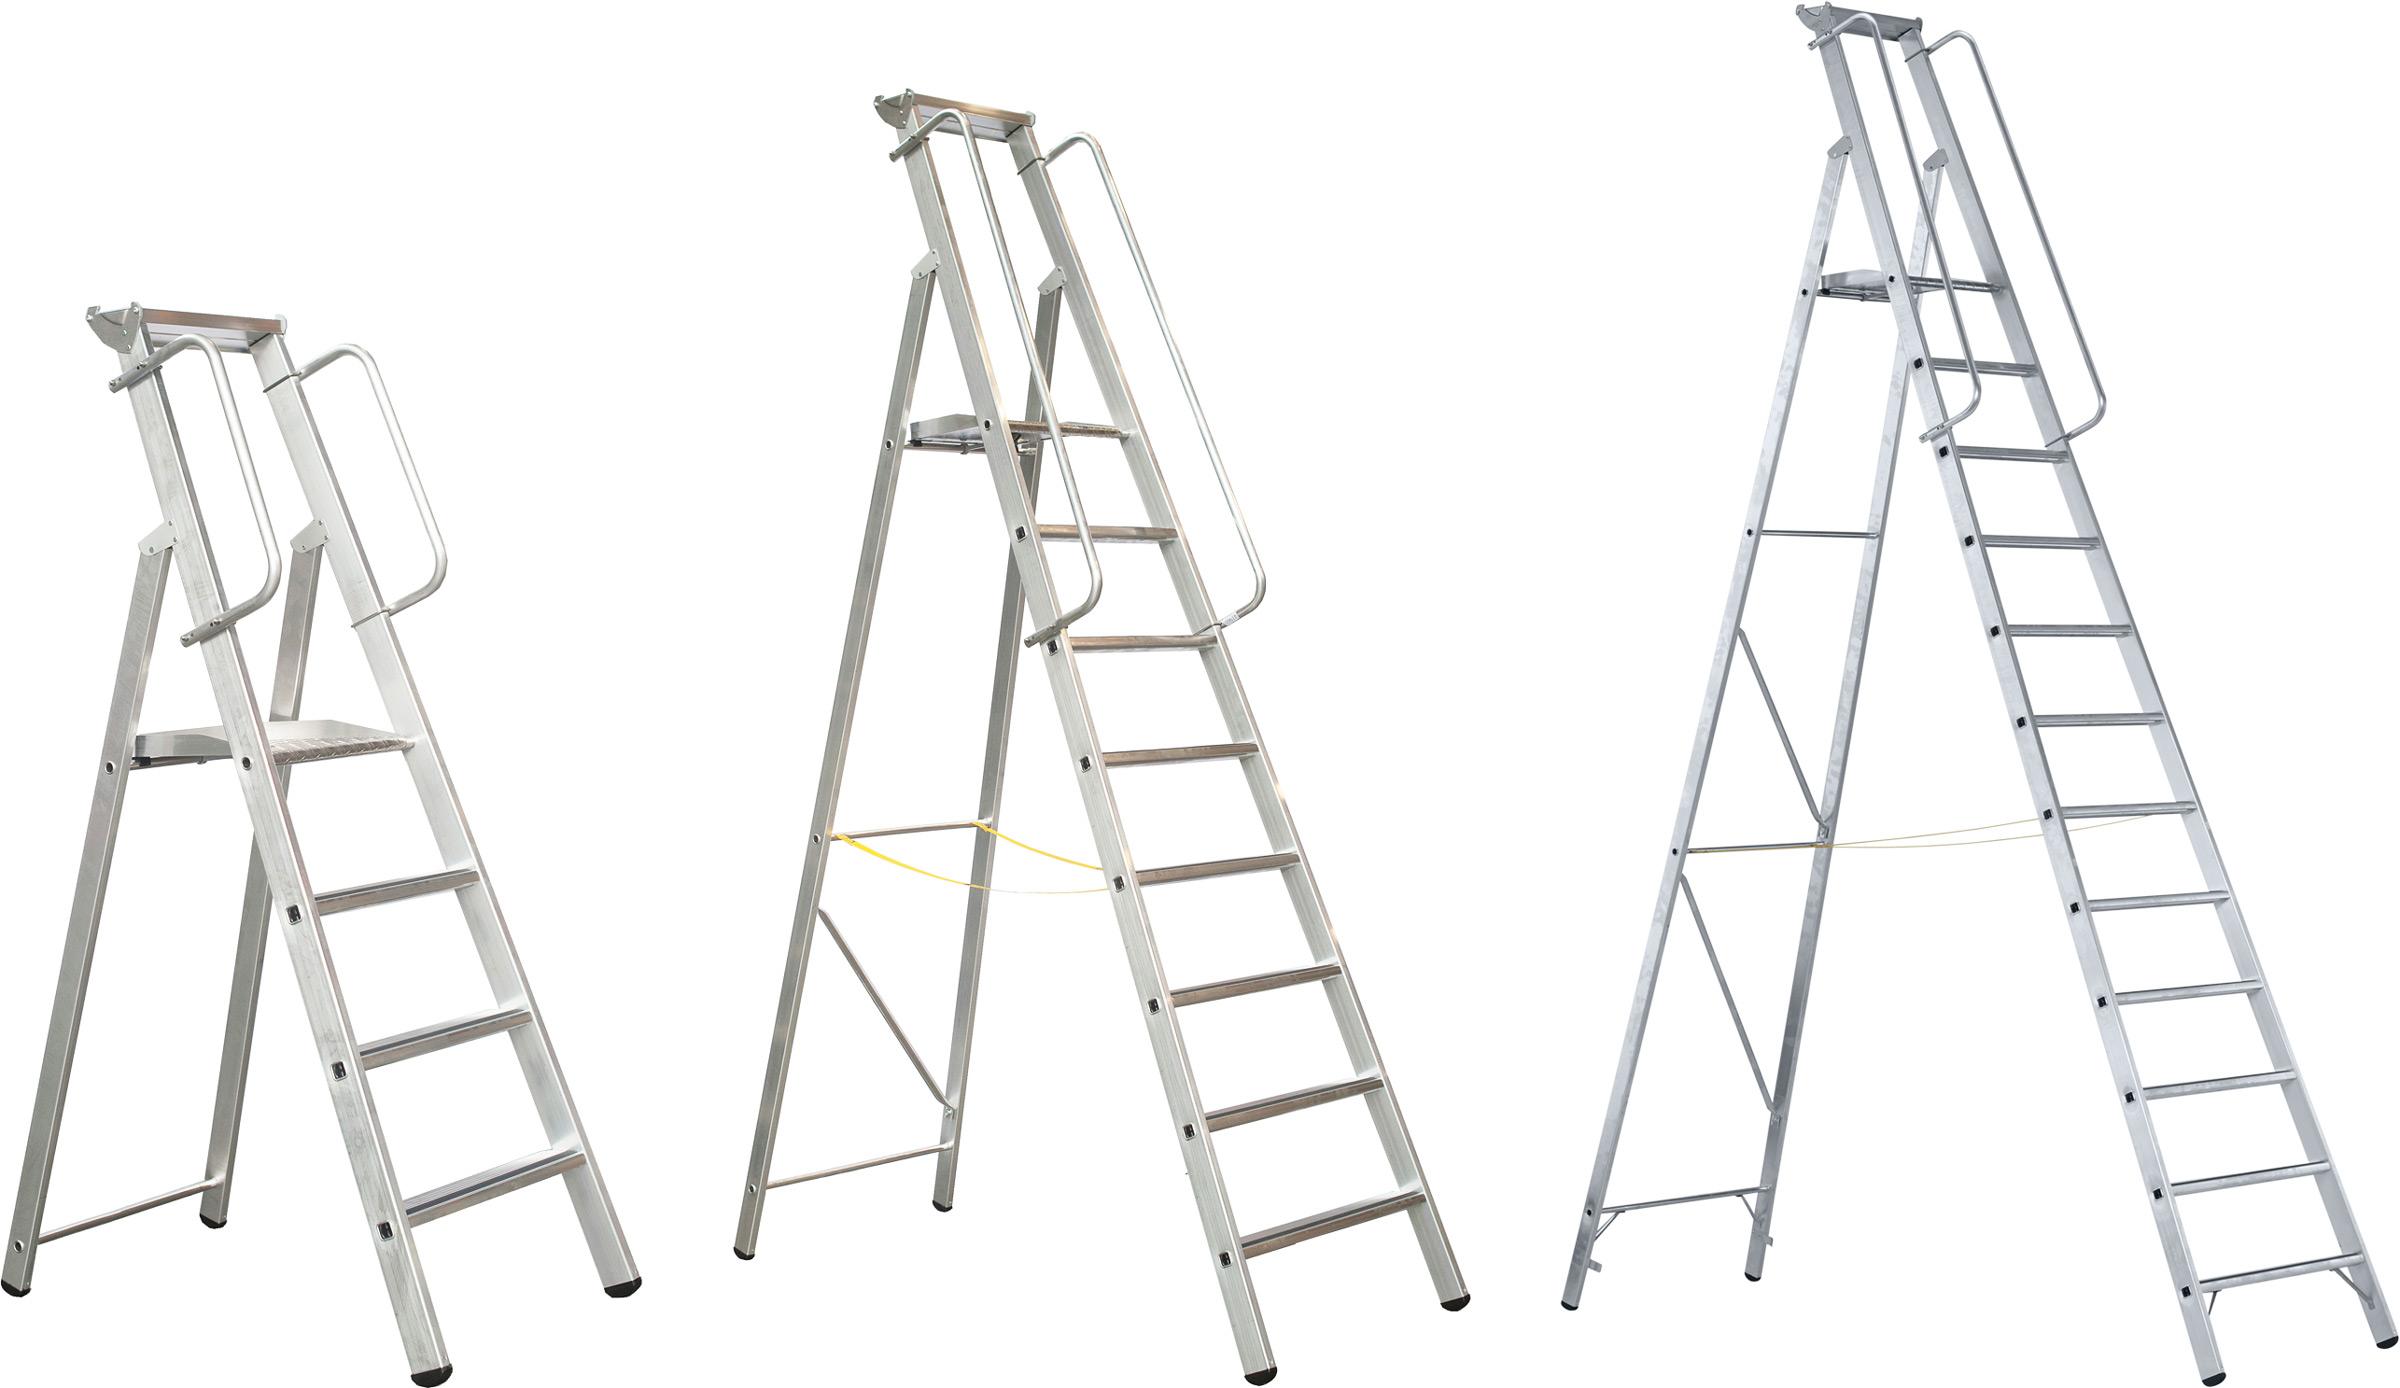 ZARGES Stufen Stehleiter Meistertritt S - Stufen